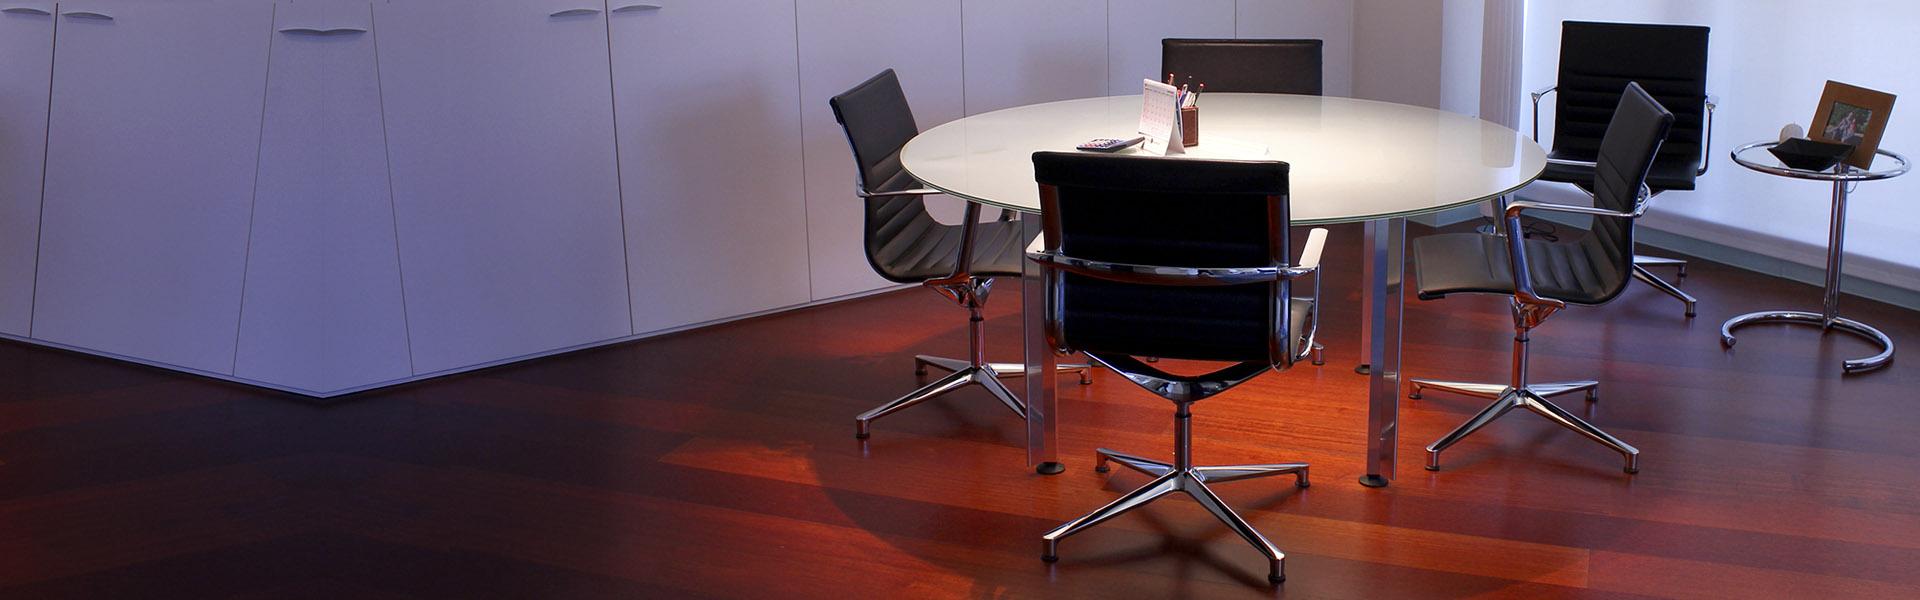 Centro de negocios valencia alquiler de oficinas y despachos for Oficinas y despachos valencia